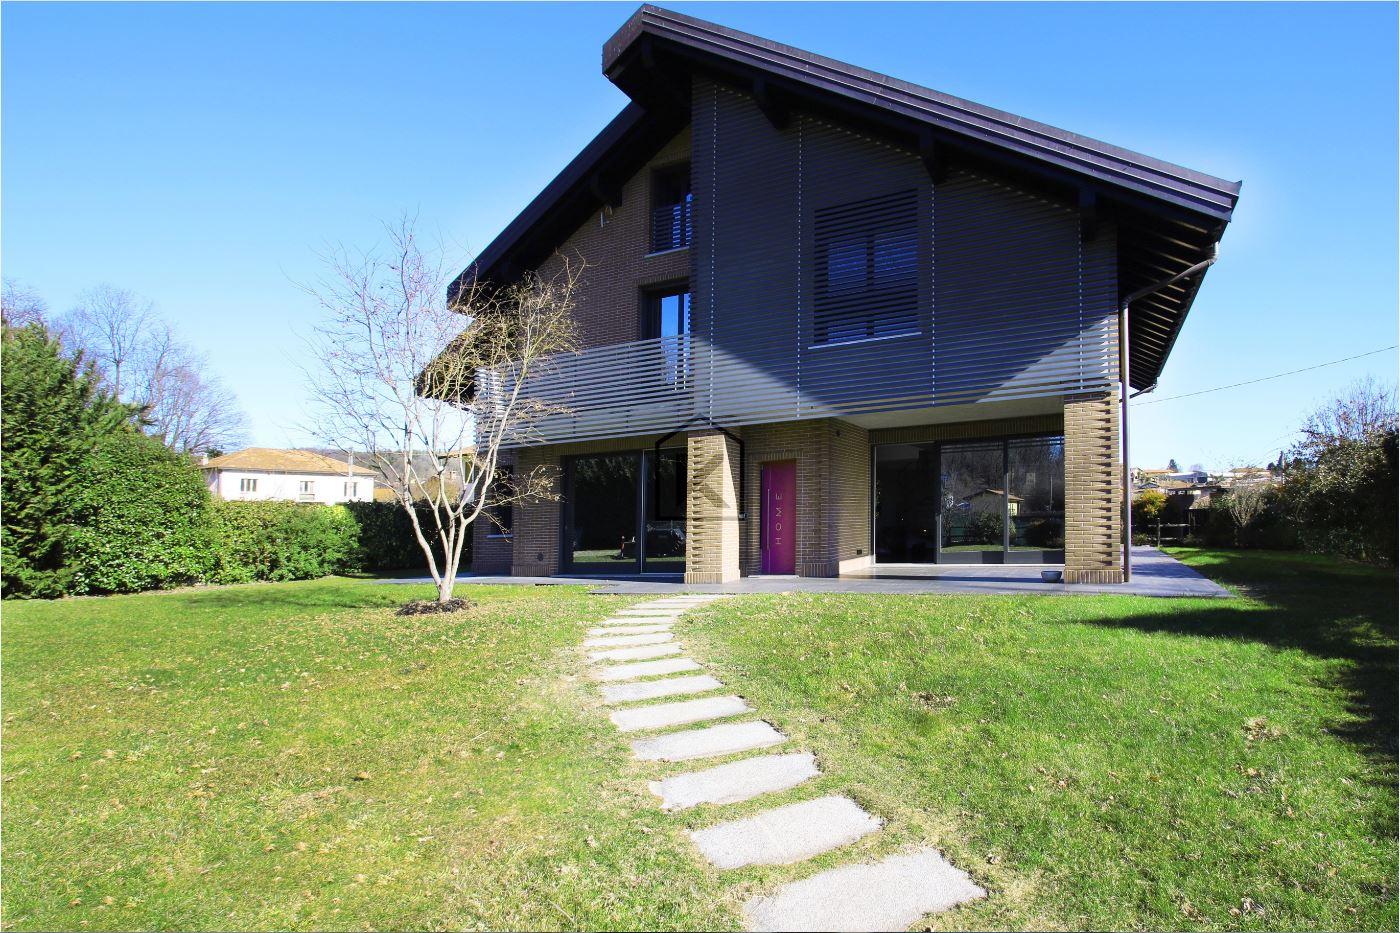 Villa in Vendita a Vergiate: 5 locali, 430 mq